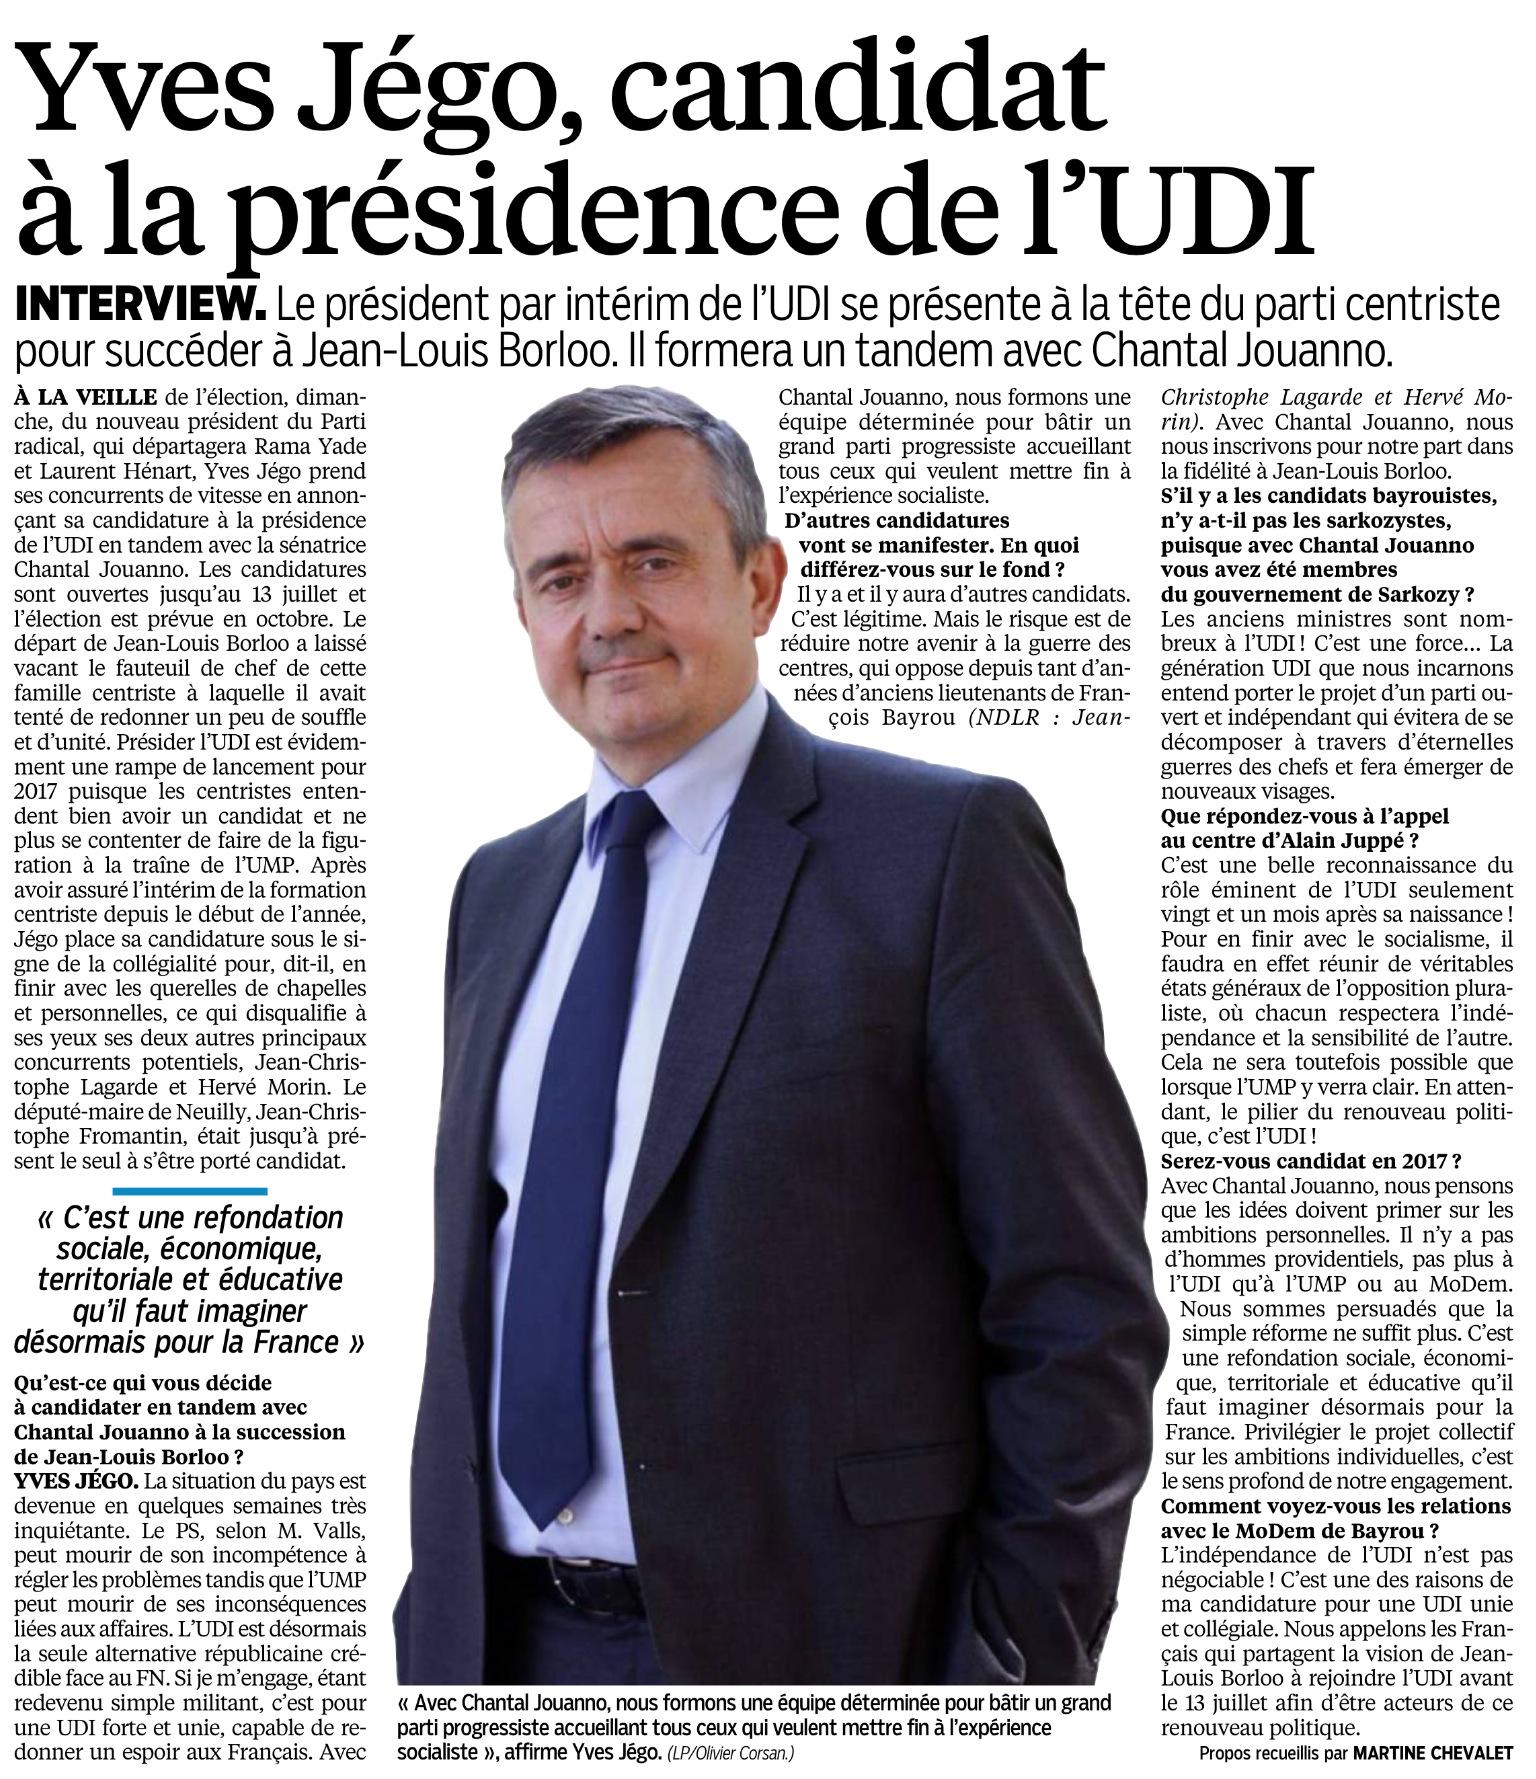 Le Parisien du 21 juin 2014 - Yves Jégo candidat à l'UDI